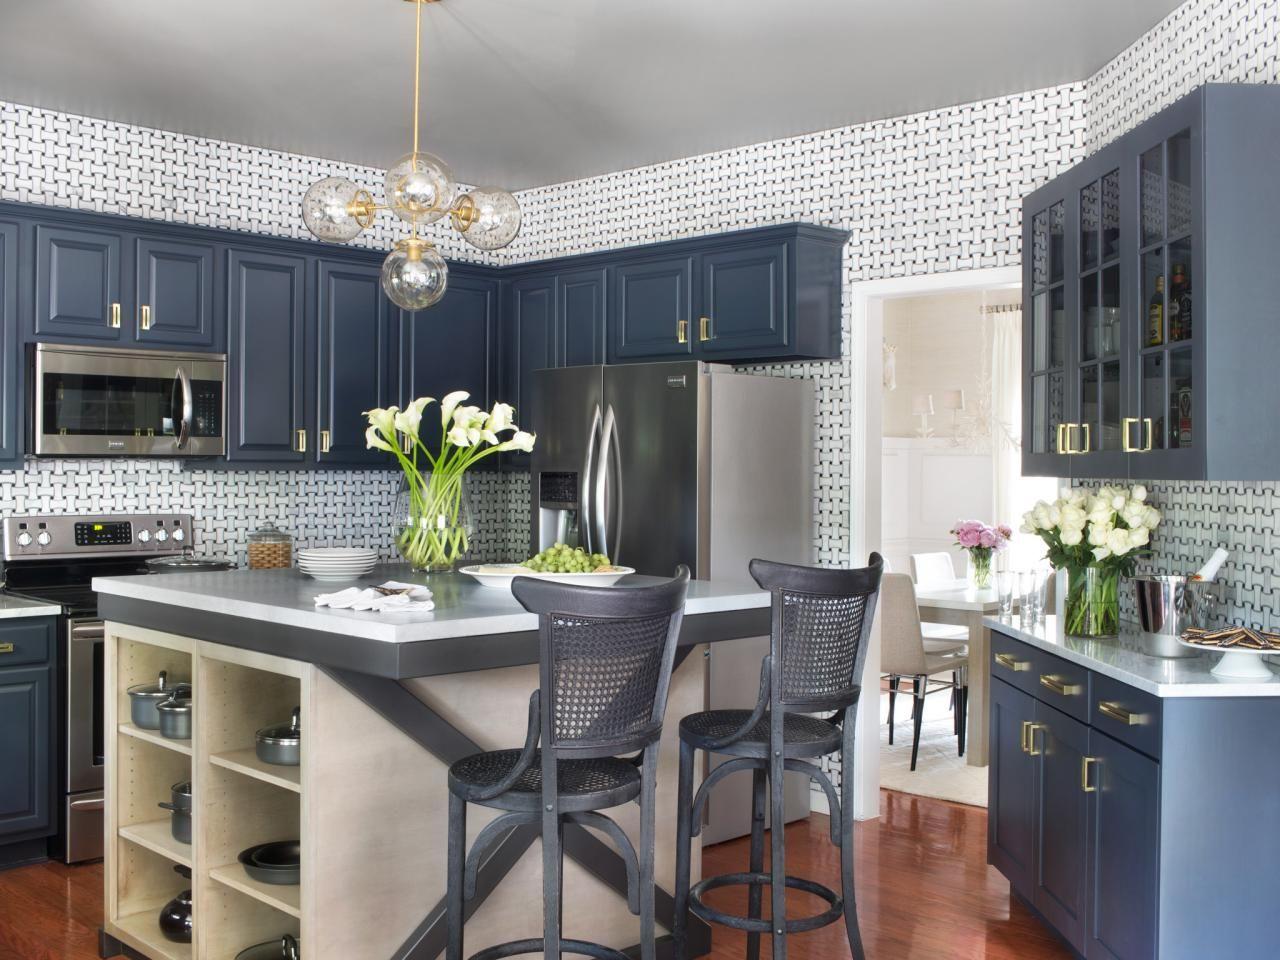 über küchenschrank ideen zu dekorieren die meisten top notch travertin küche backsplash ideen originalität